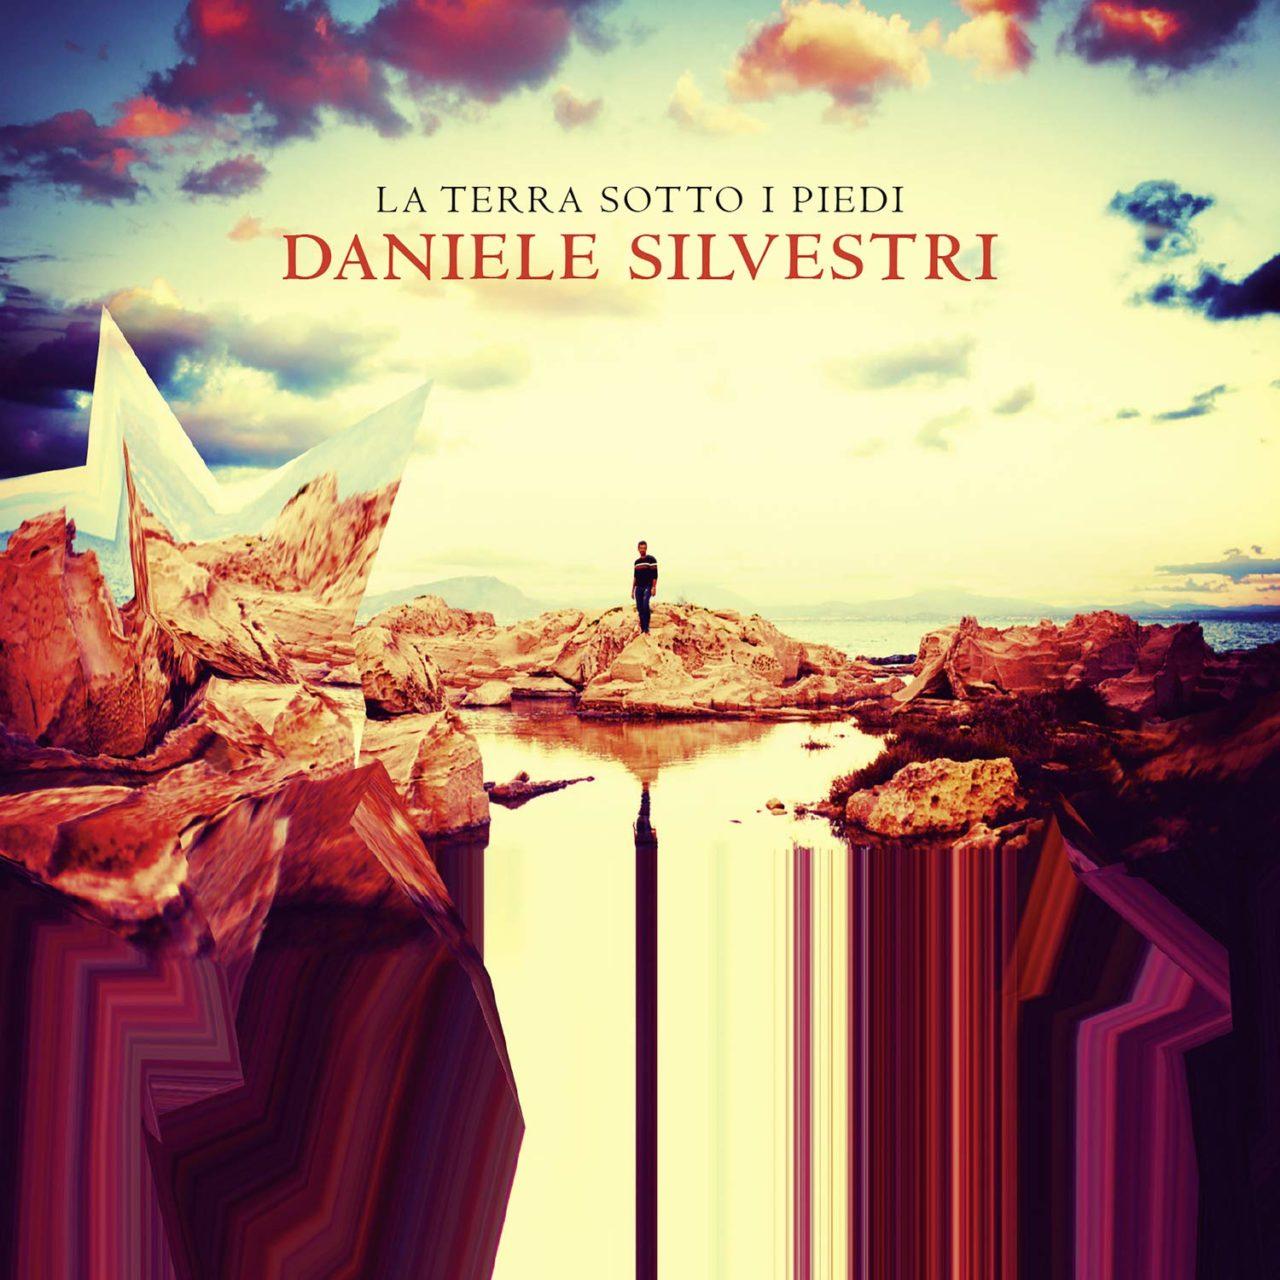 Daniele Silvestri - La Terra Sotto i Piedi